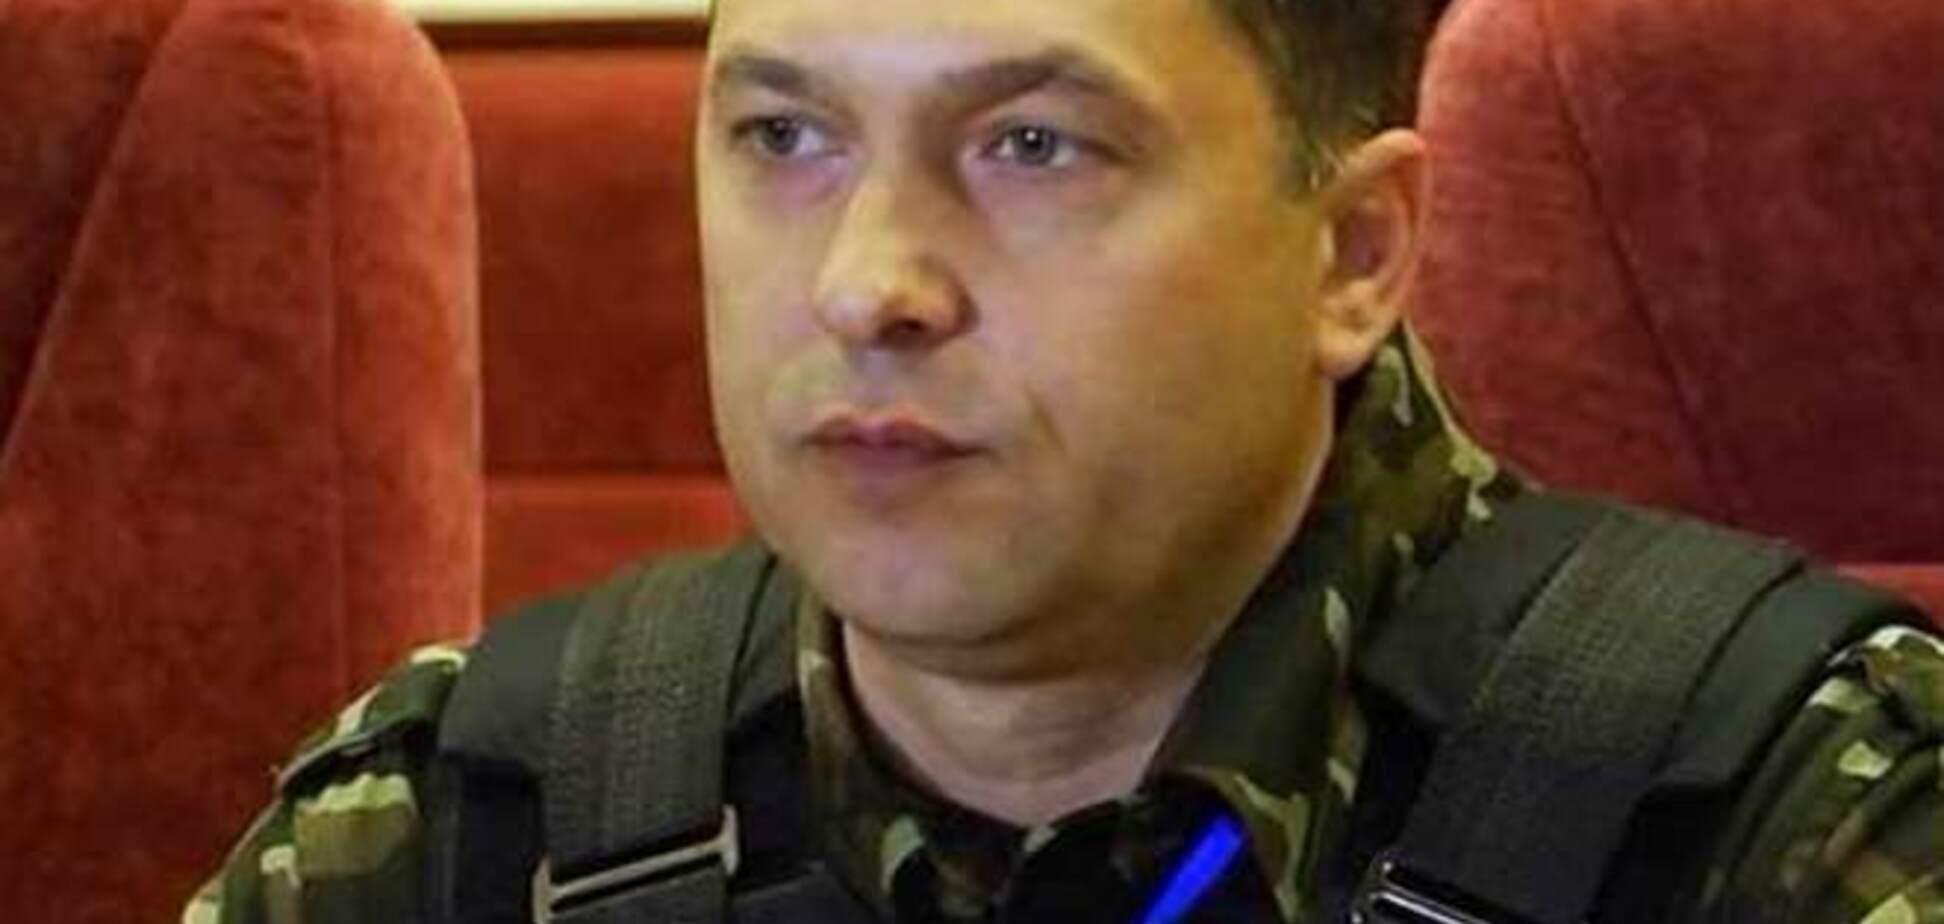 ГПУ квалифицировала действия 'губернатора ЛНР' как терроризм